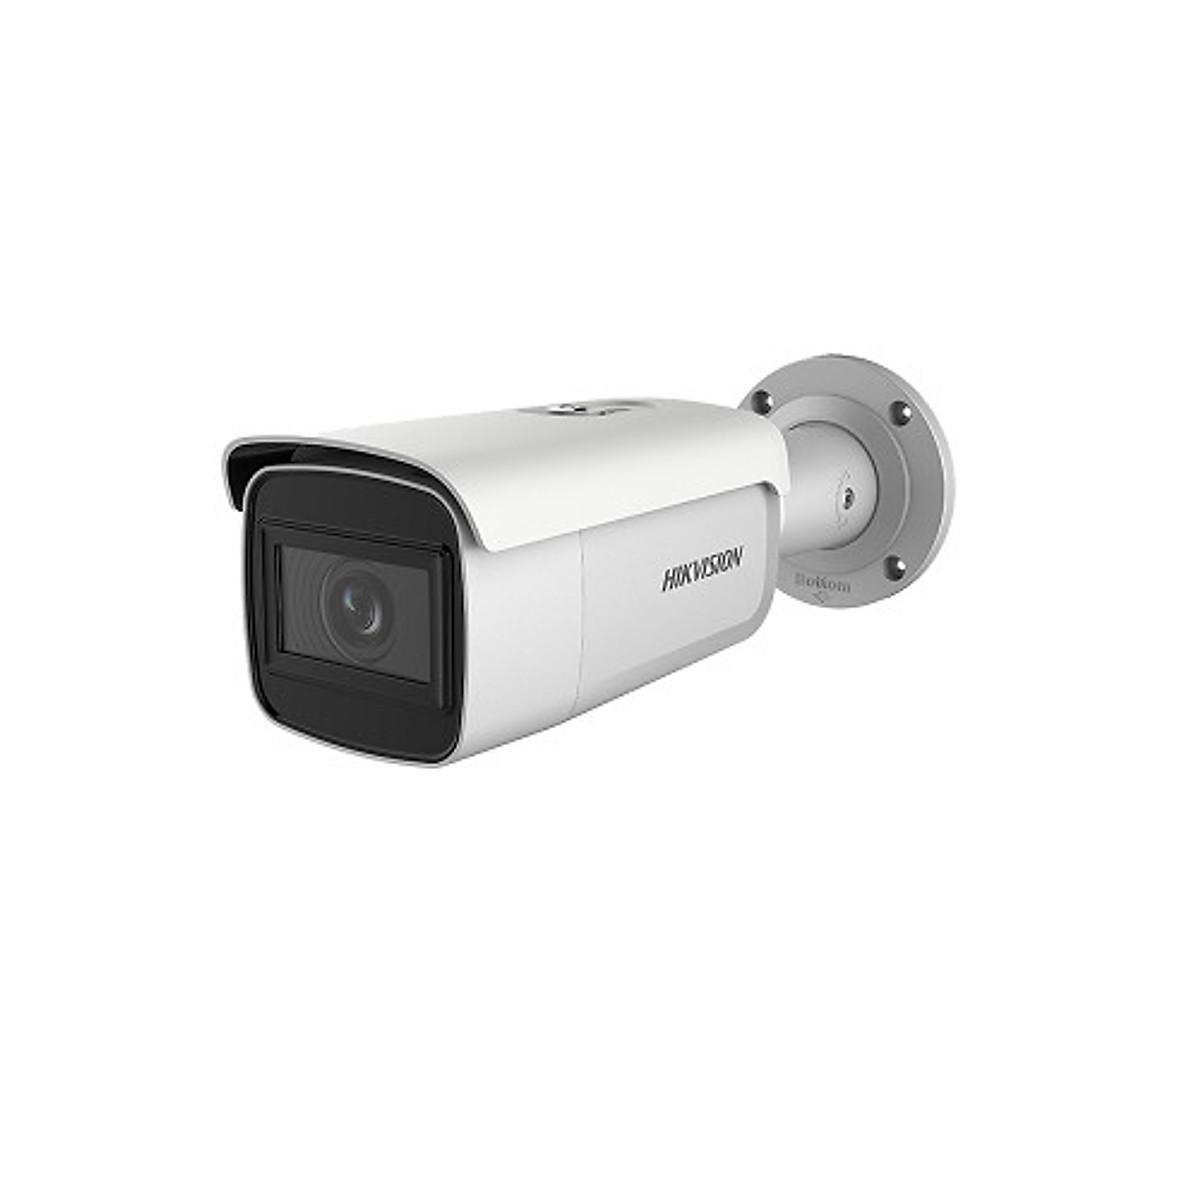 Camera IP HIKVISION DS-2CD2623G1-IZS 2MP Thân Trụ – Hàng Chính Hãng